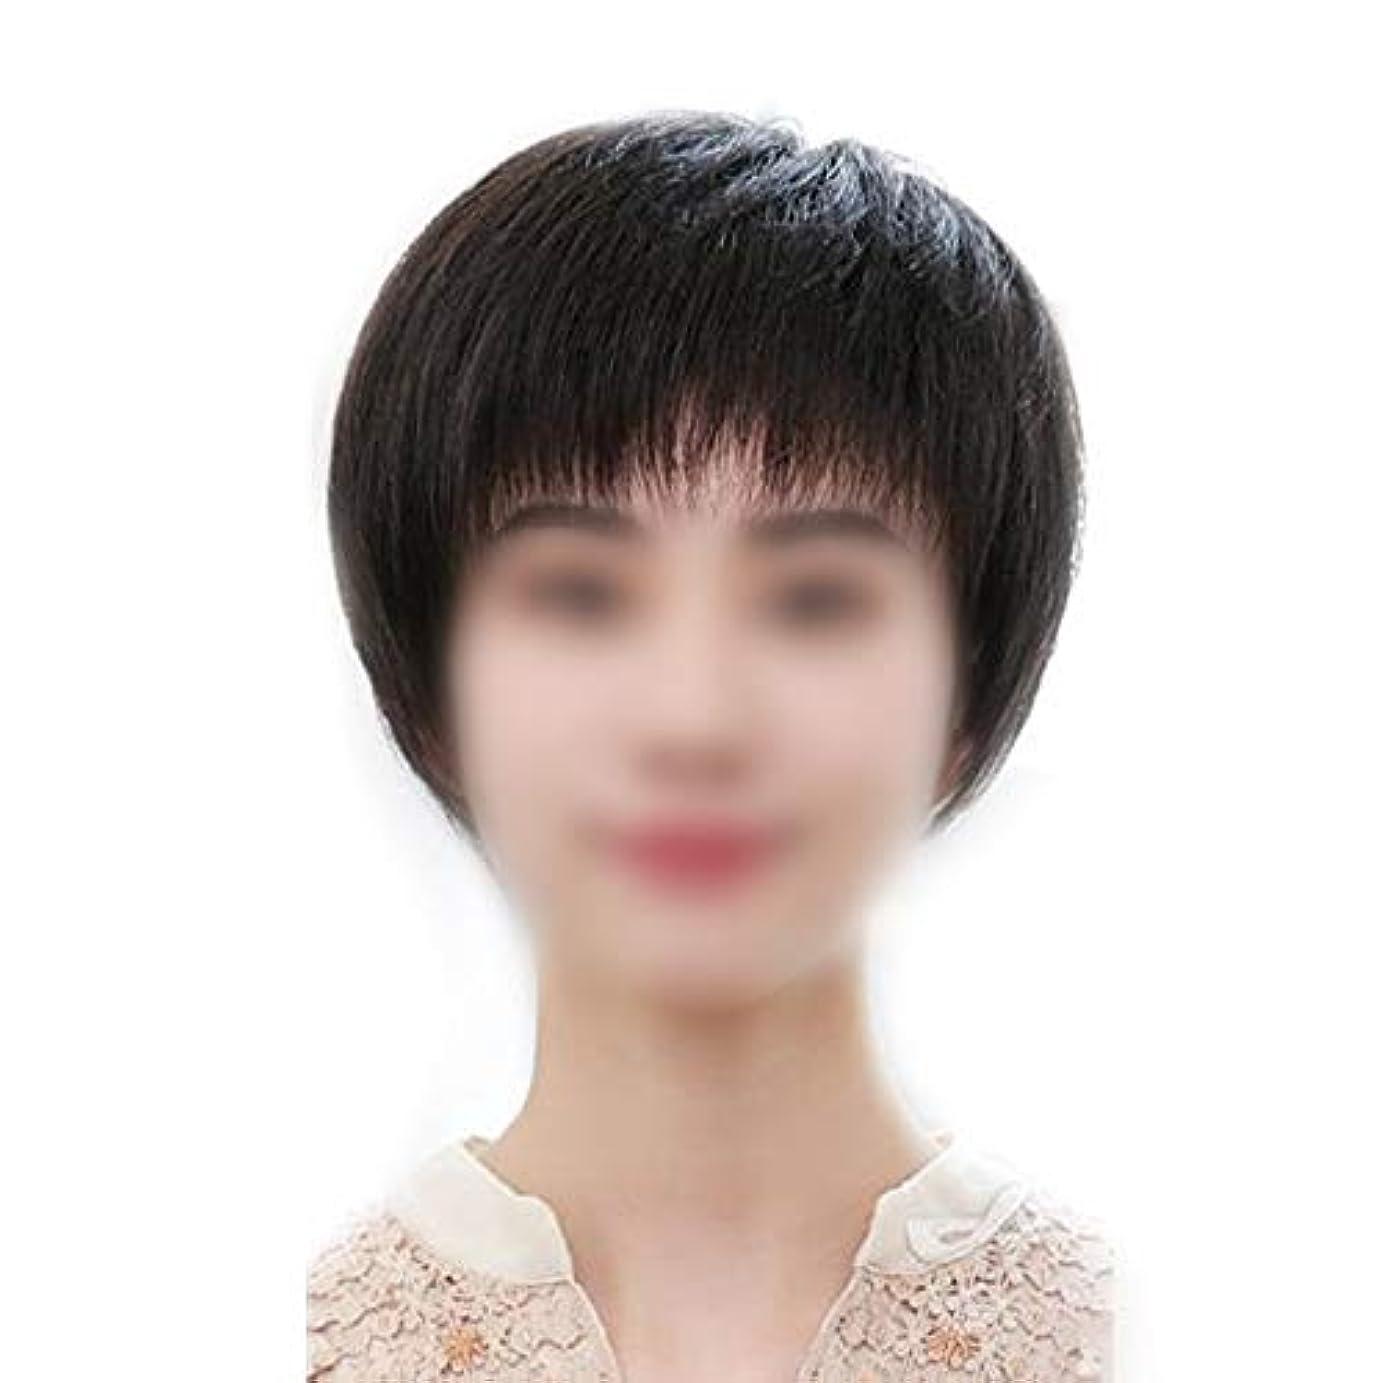 便利不規則な中世のYOUQIU 女子ショートヘアのフルハンド織実ヘアウィッグ現実的な自然に見えるウィッグ (色 : Dark brown)